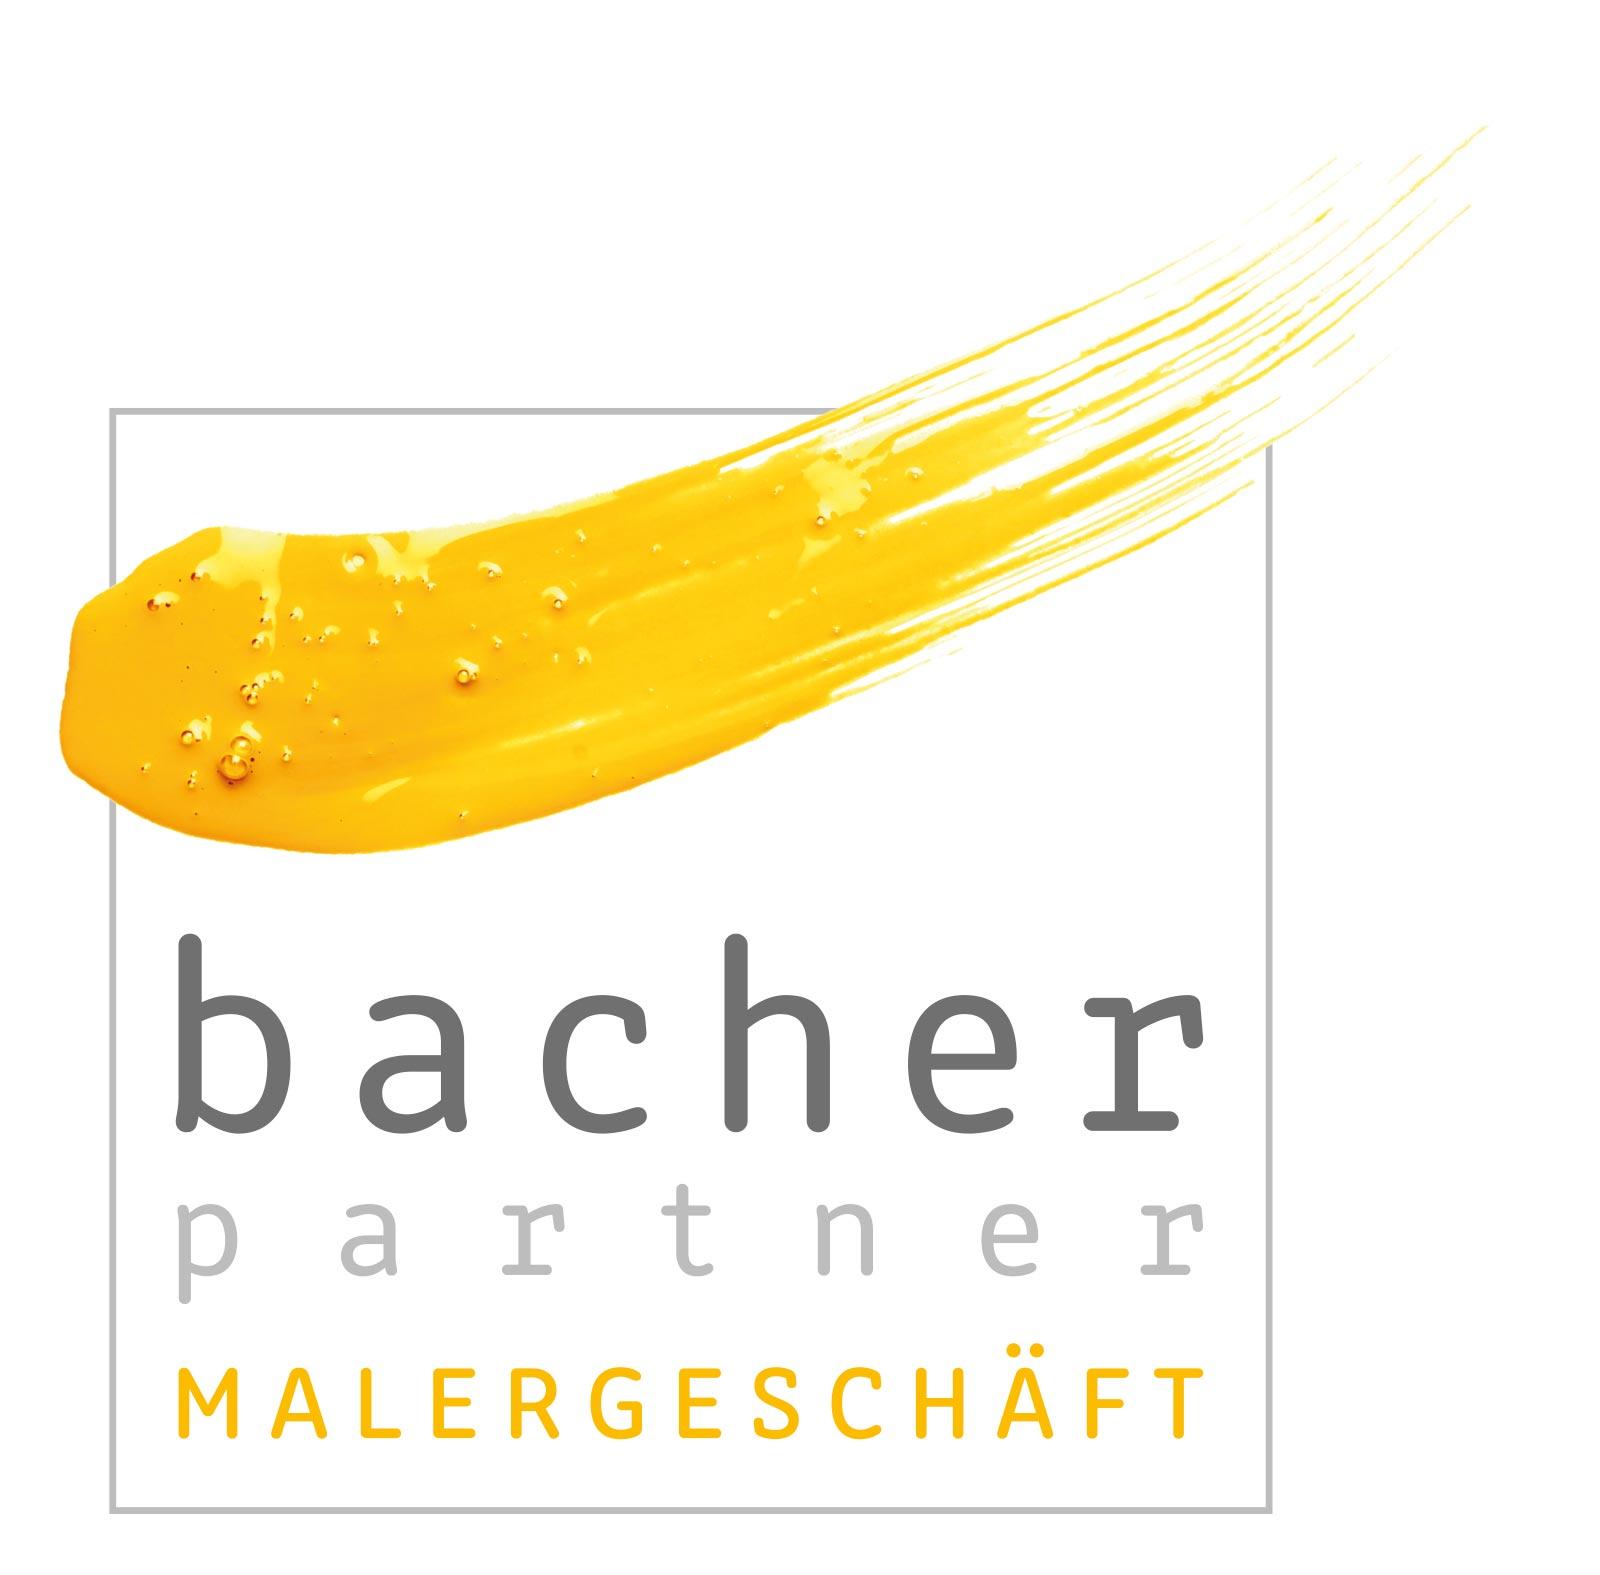 Bacher und Partner GmbH Malergeschäft I Logo